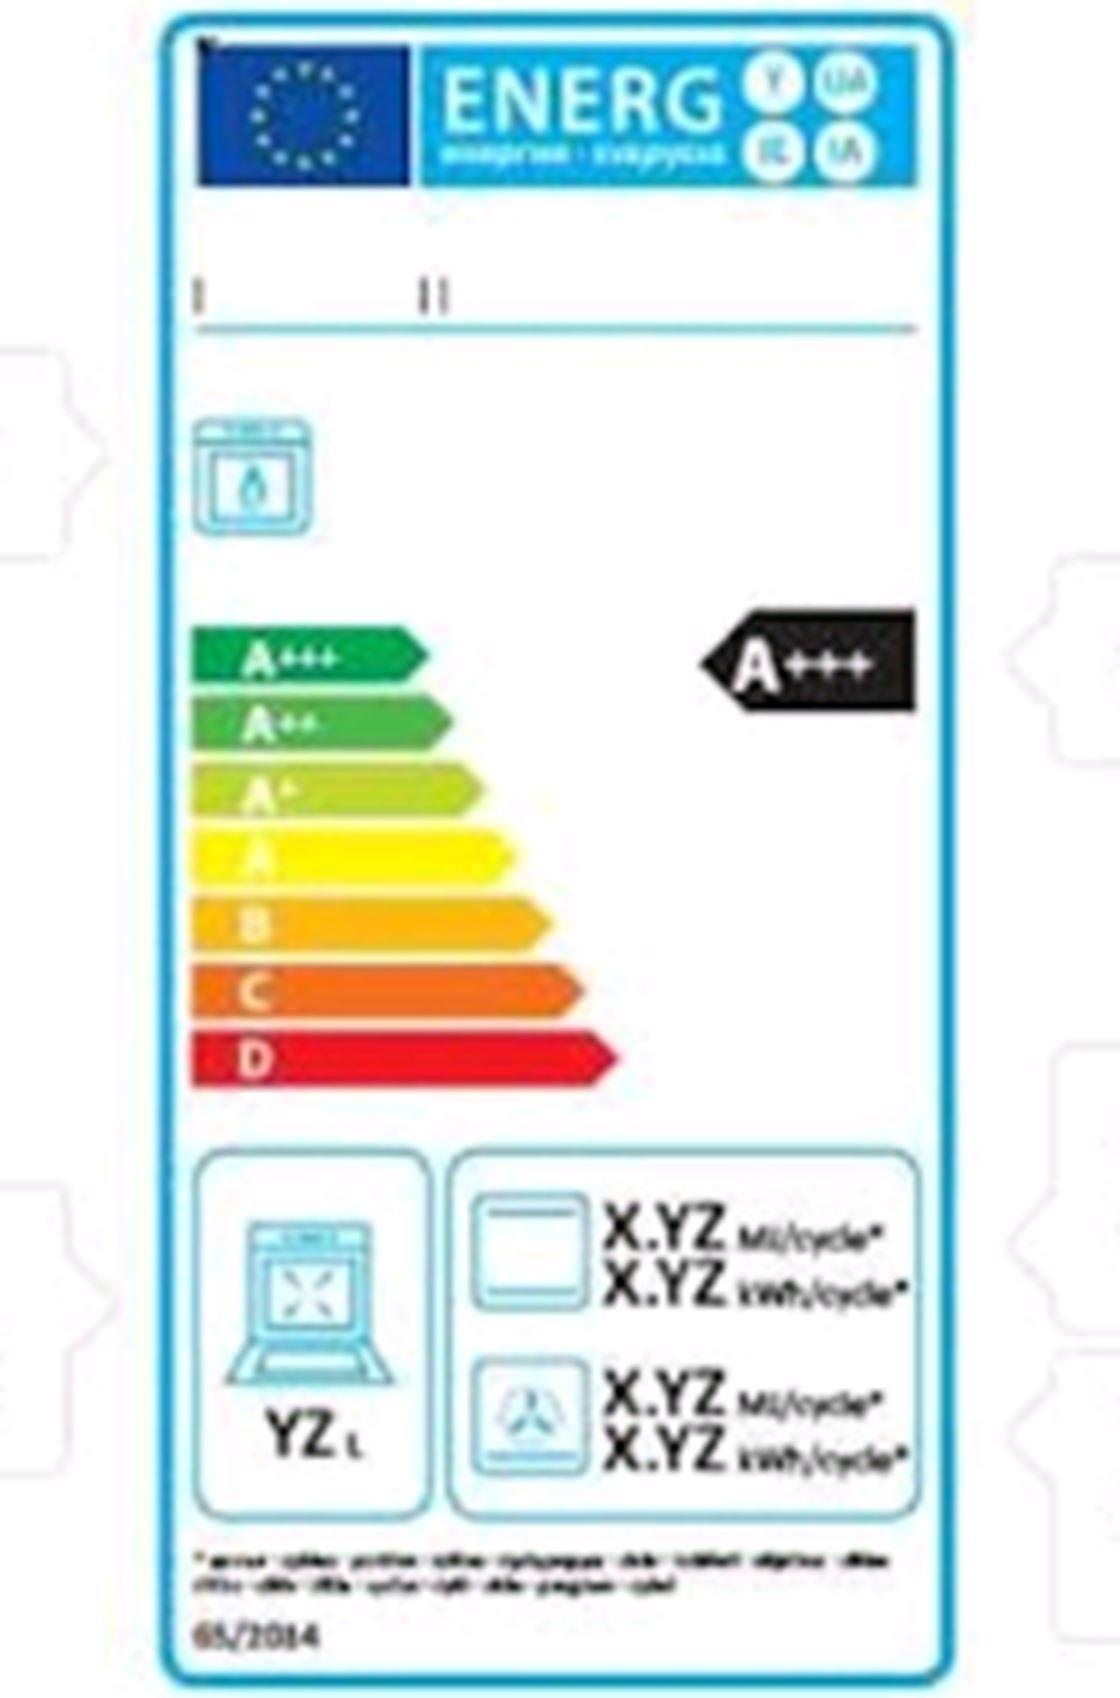 d3d81634d Mer om økodesign og energimerking - NVE